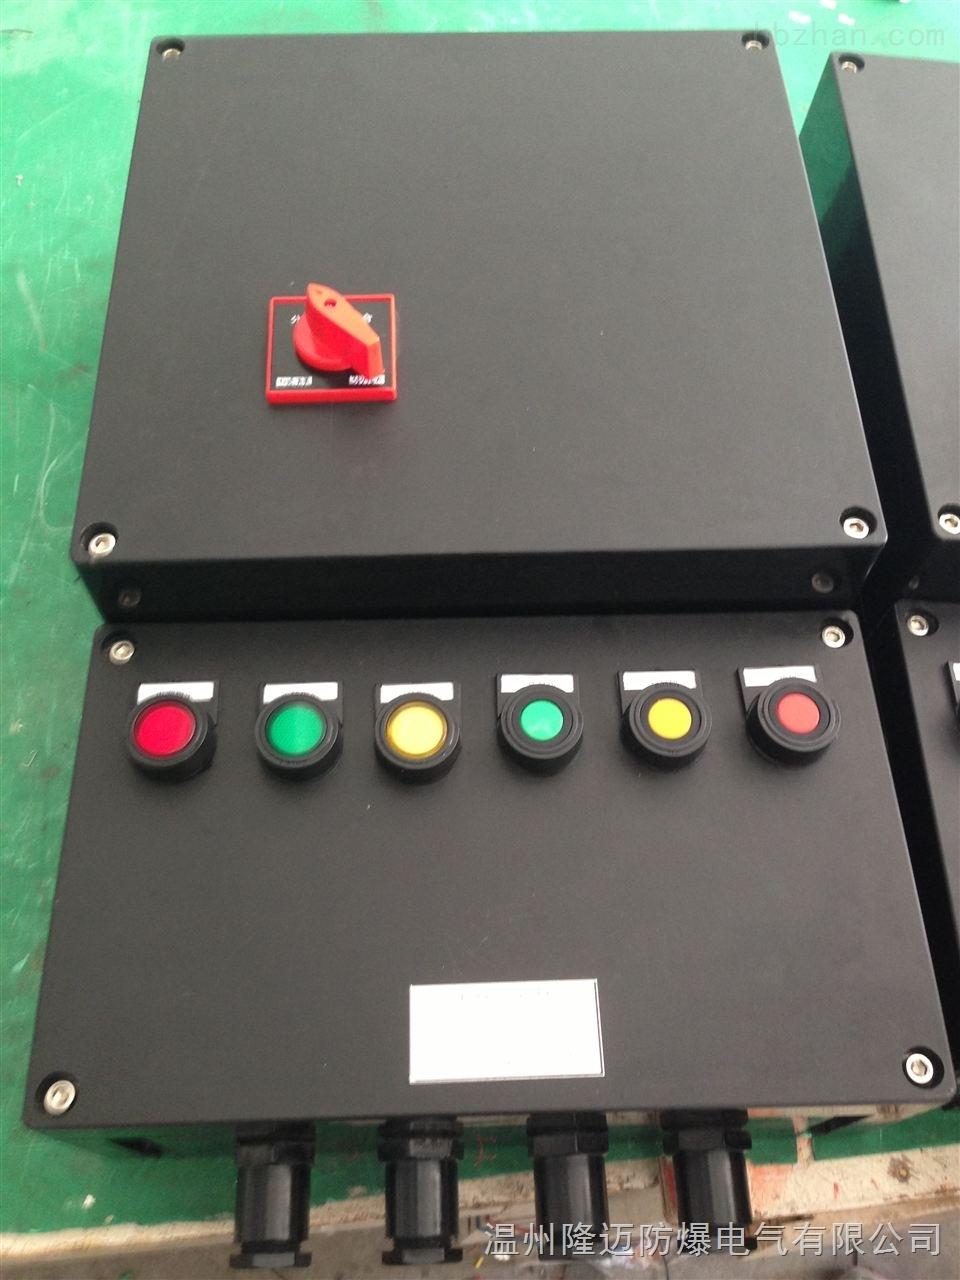 摘要:ah-g3/4(20口径)平盖防爆接线盒产品名称防爆